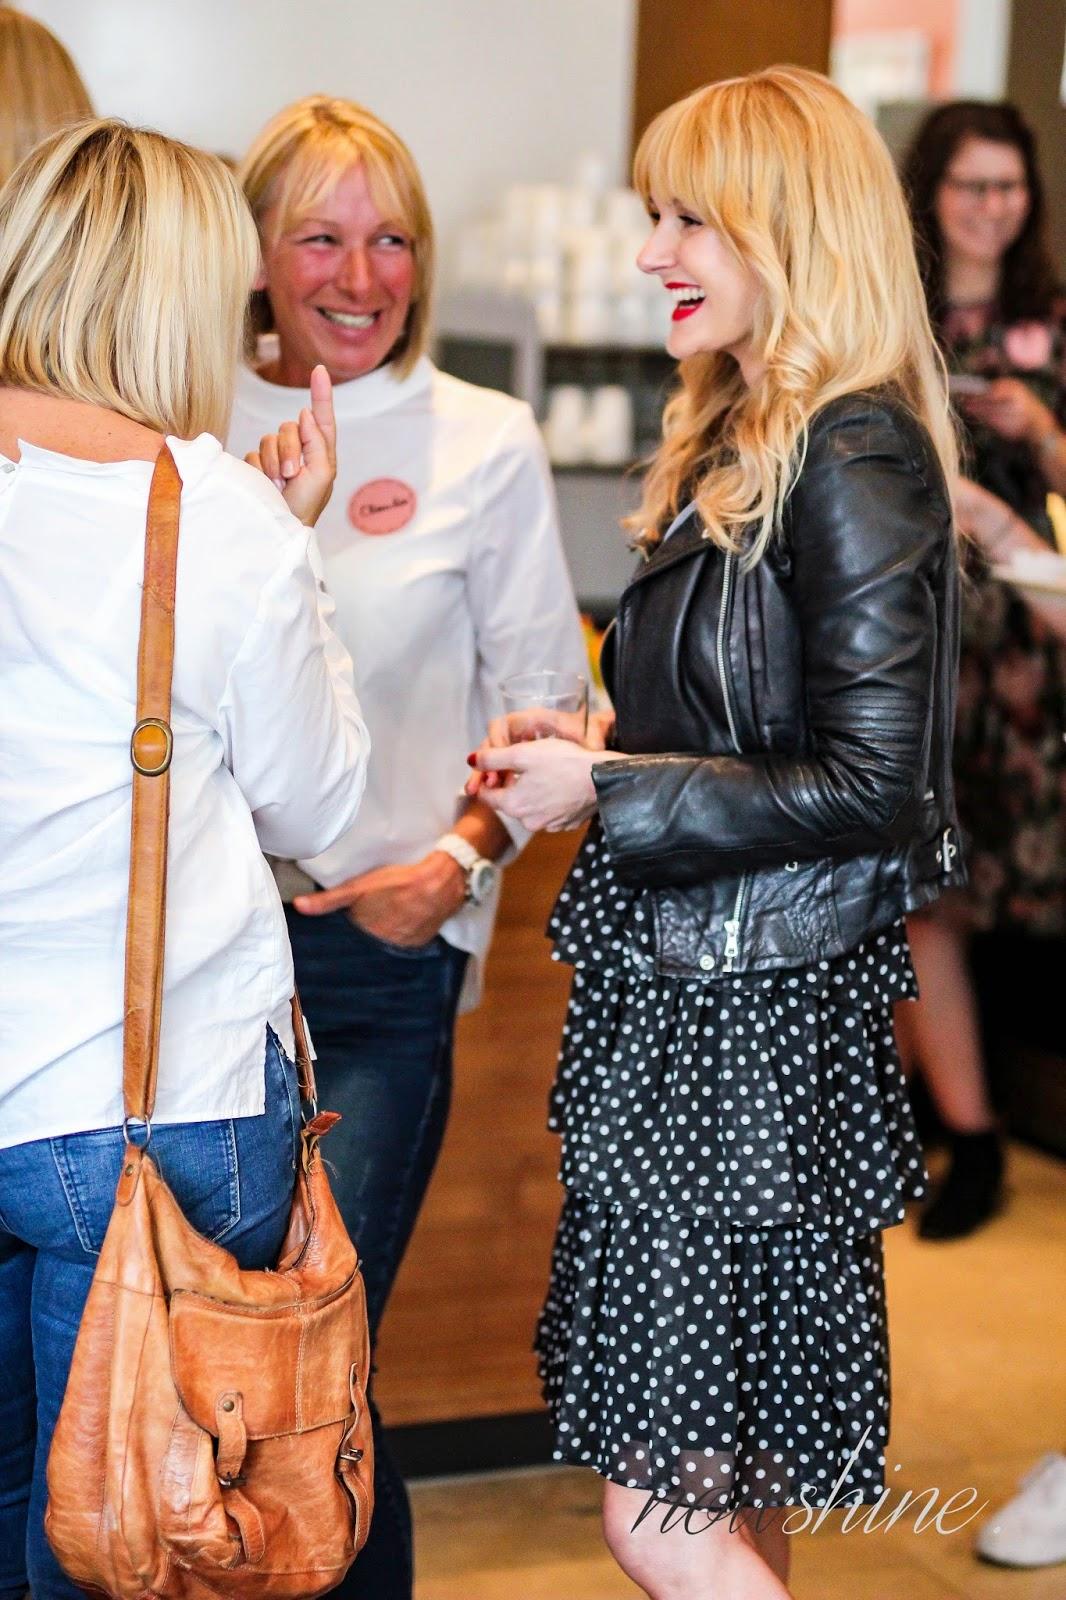 Frauen lachen und unterhalten sich miteinander beim WENZfriends Day